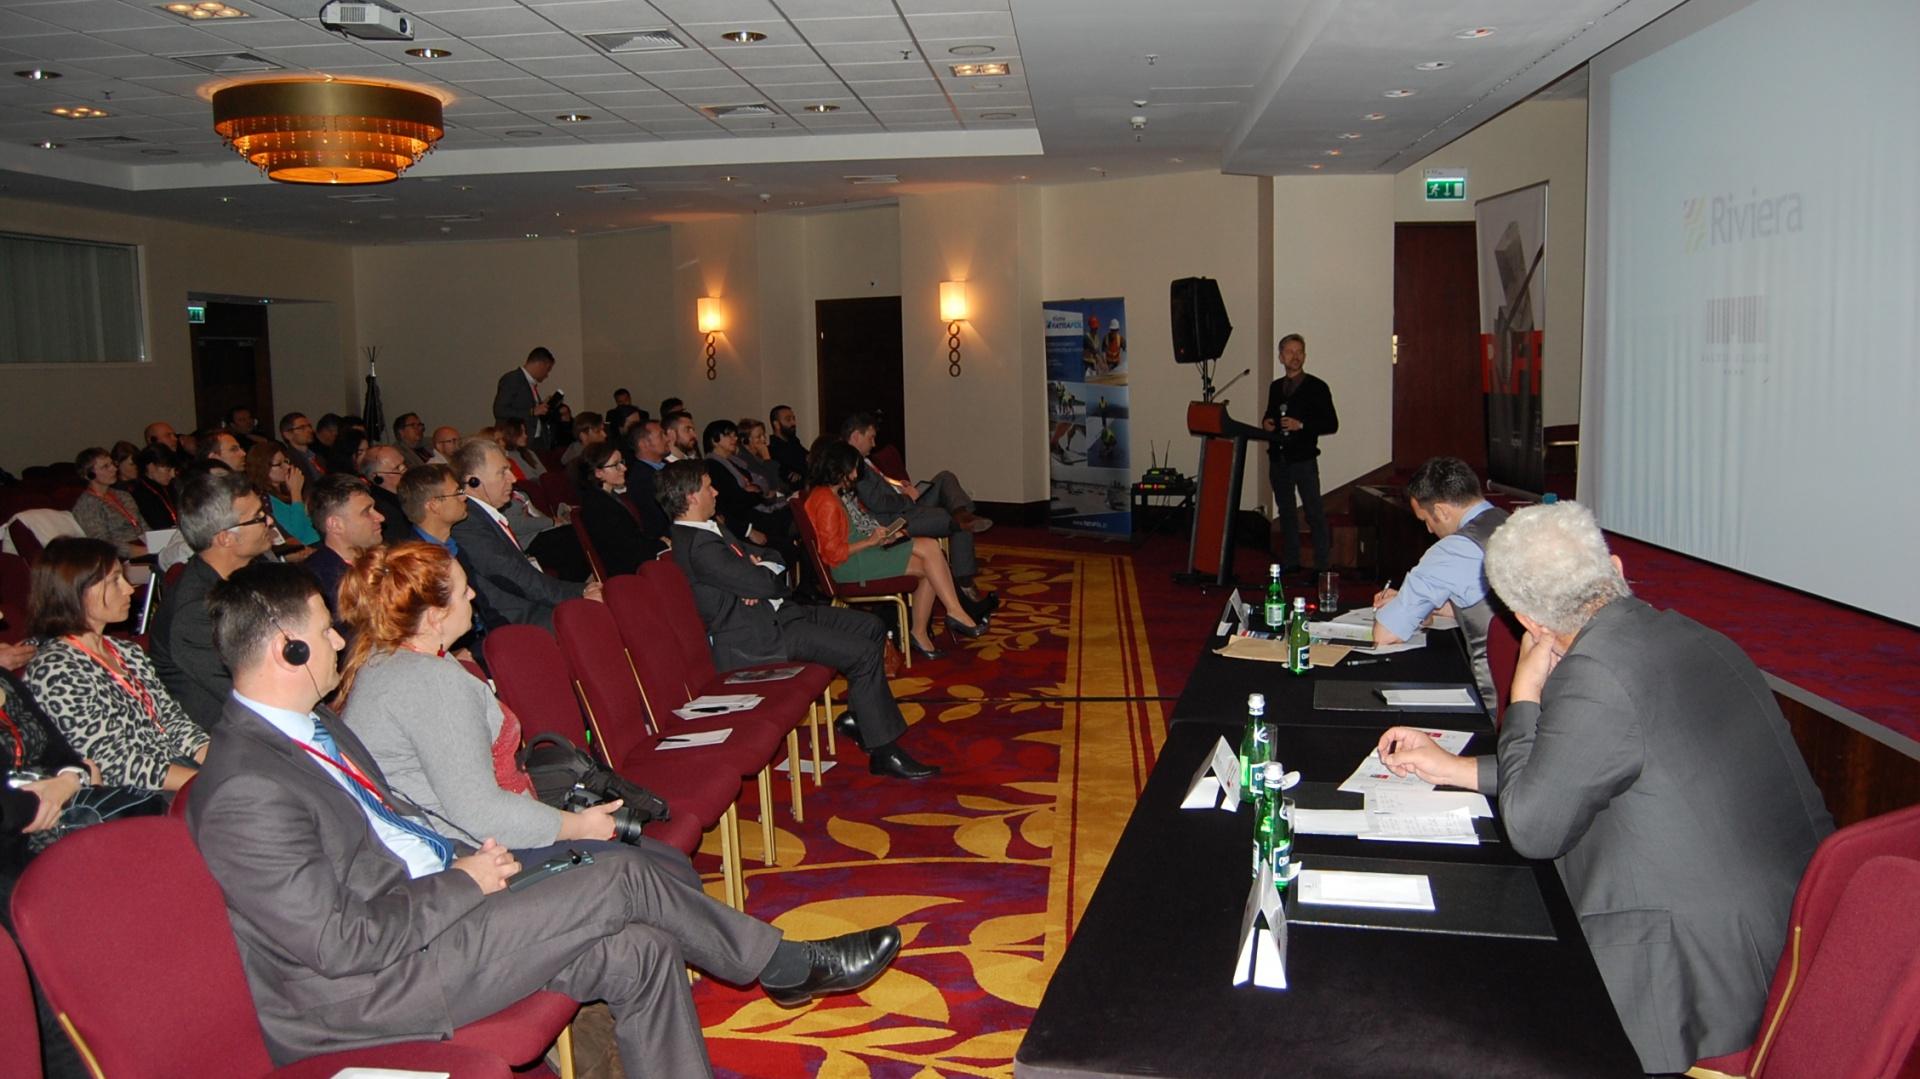 Swoją obecnością zaszczycili konferencję Mathias Bauer, właściciel MBA/S Matthias Bauer Associates czy Stephen Pey architekt reprezentujący firmę EPR Architects i inni. Fot. Piotr Sawczuk